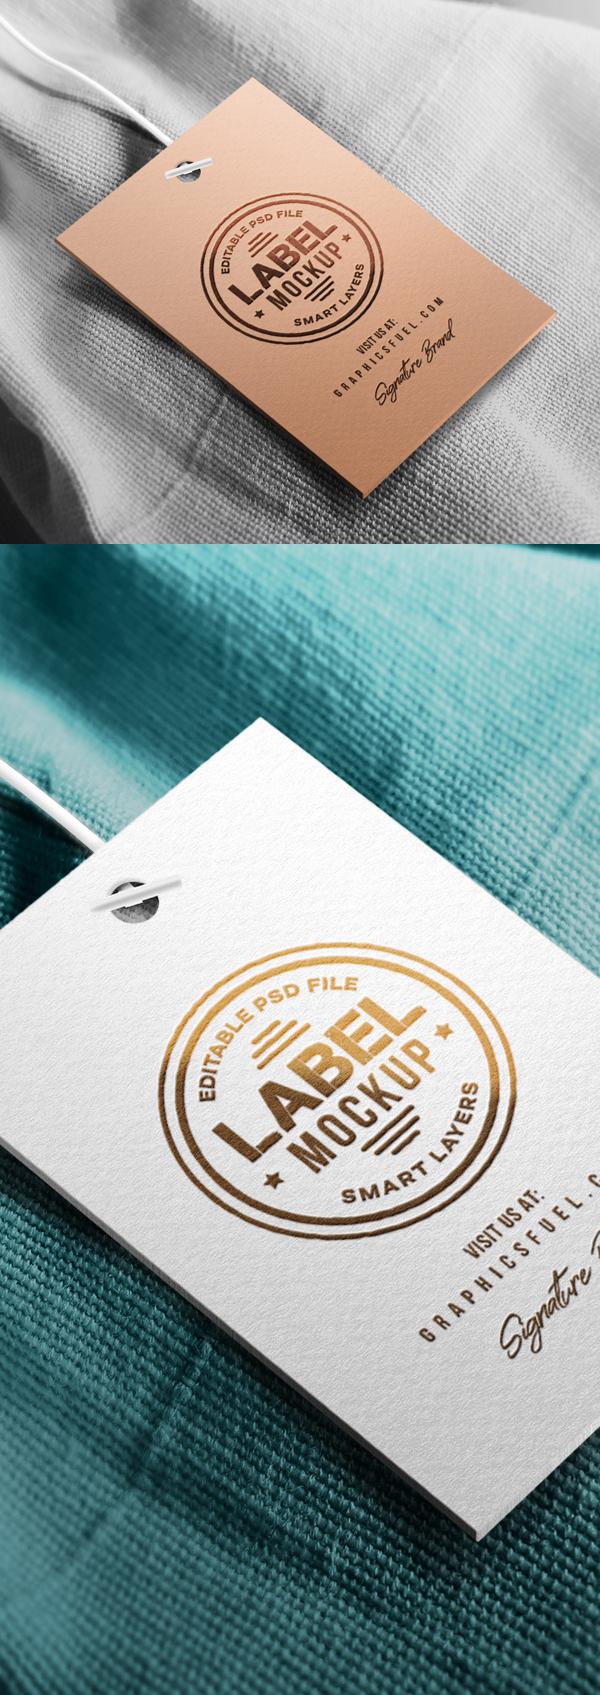 Free Clothing Hang Tag Mockup PSD